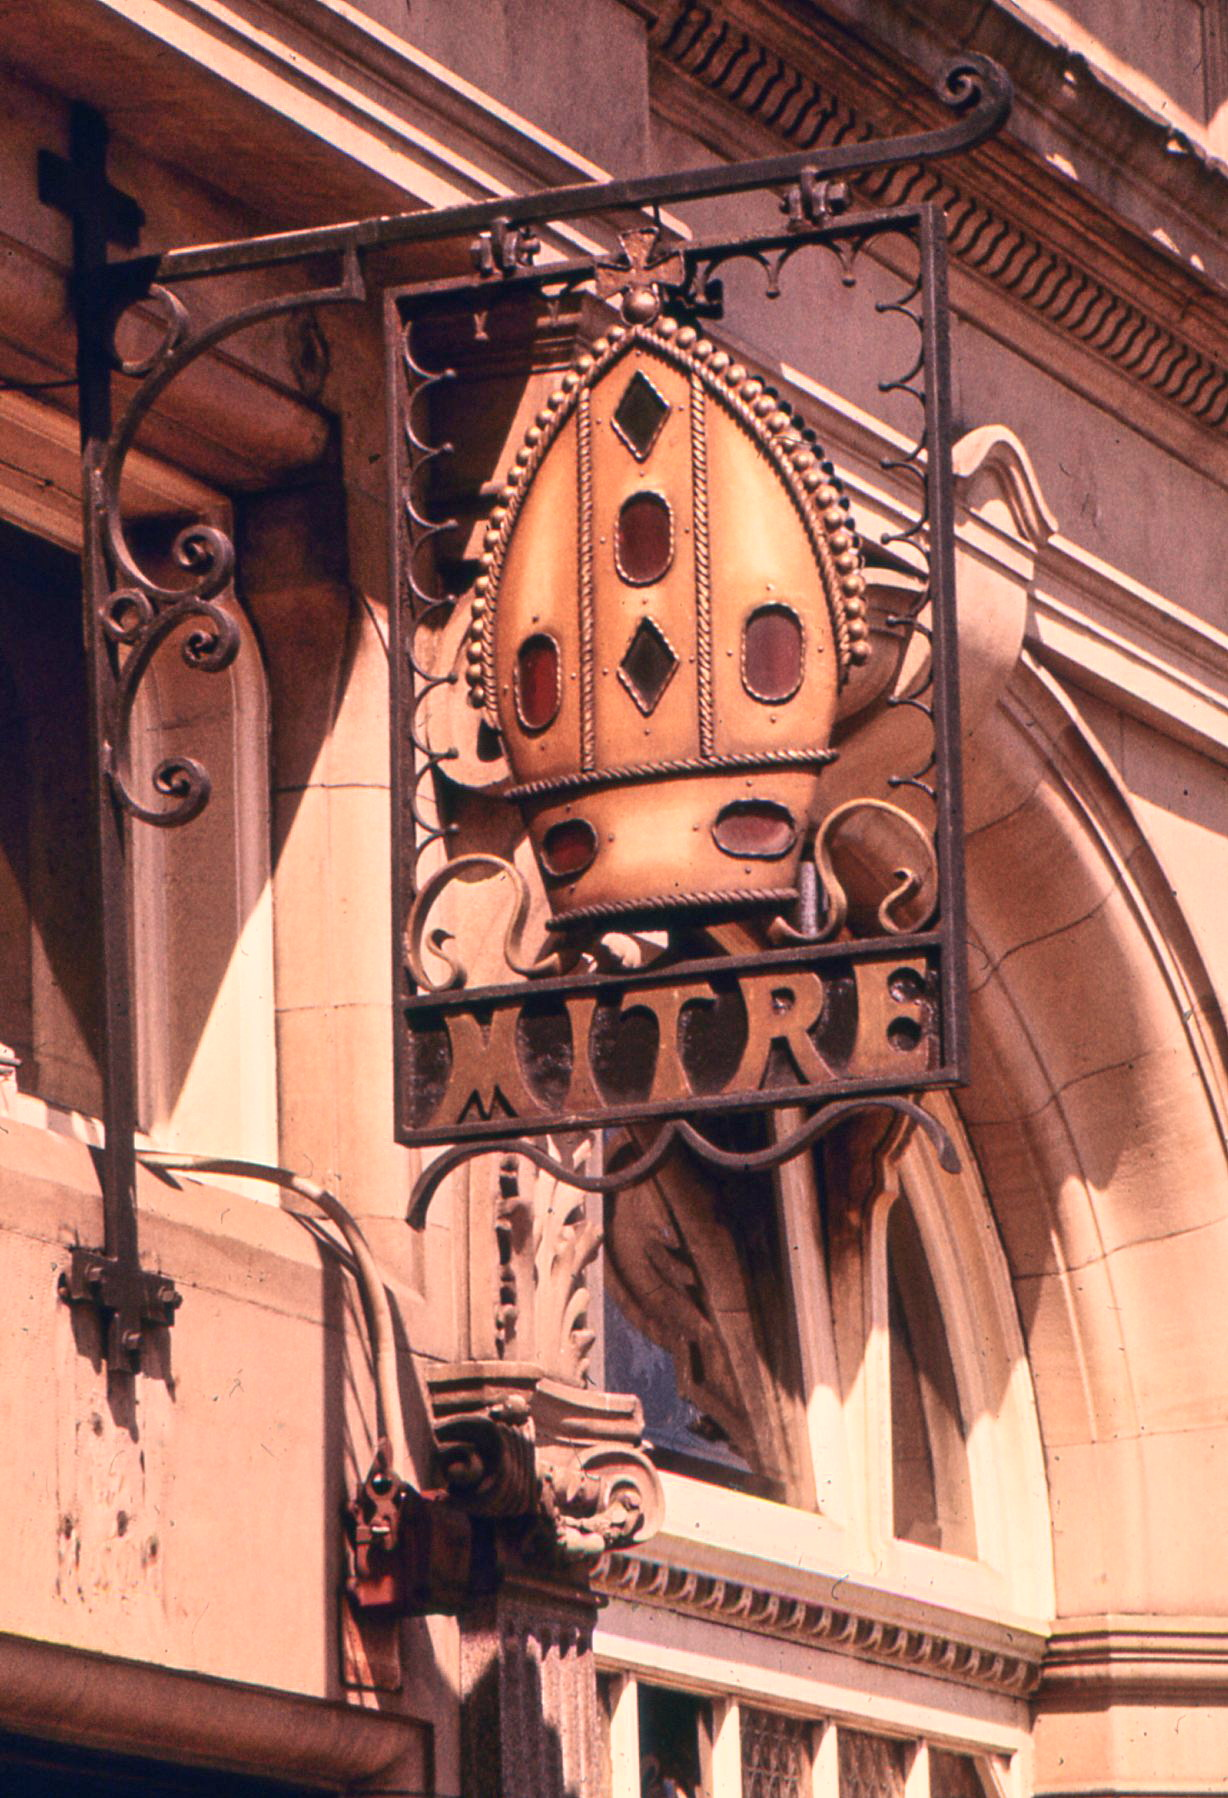 The Bishop's Mitre